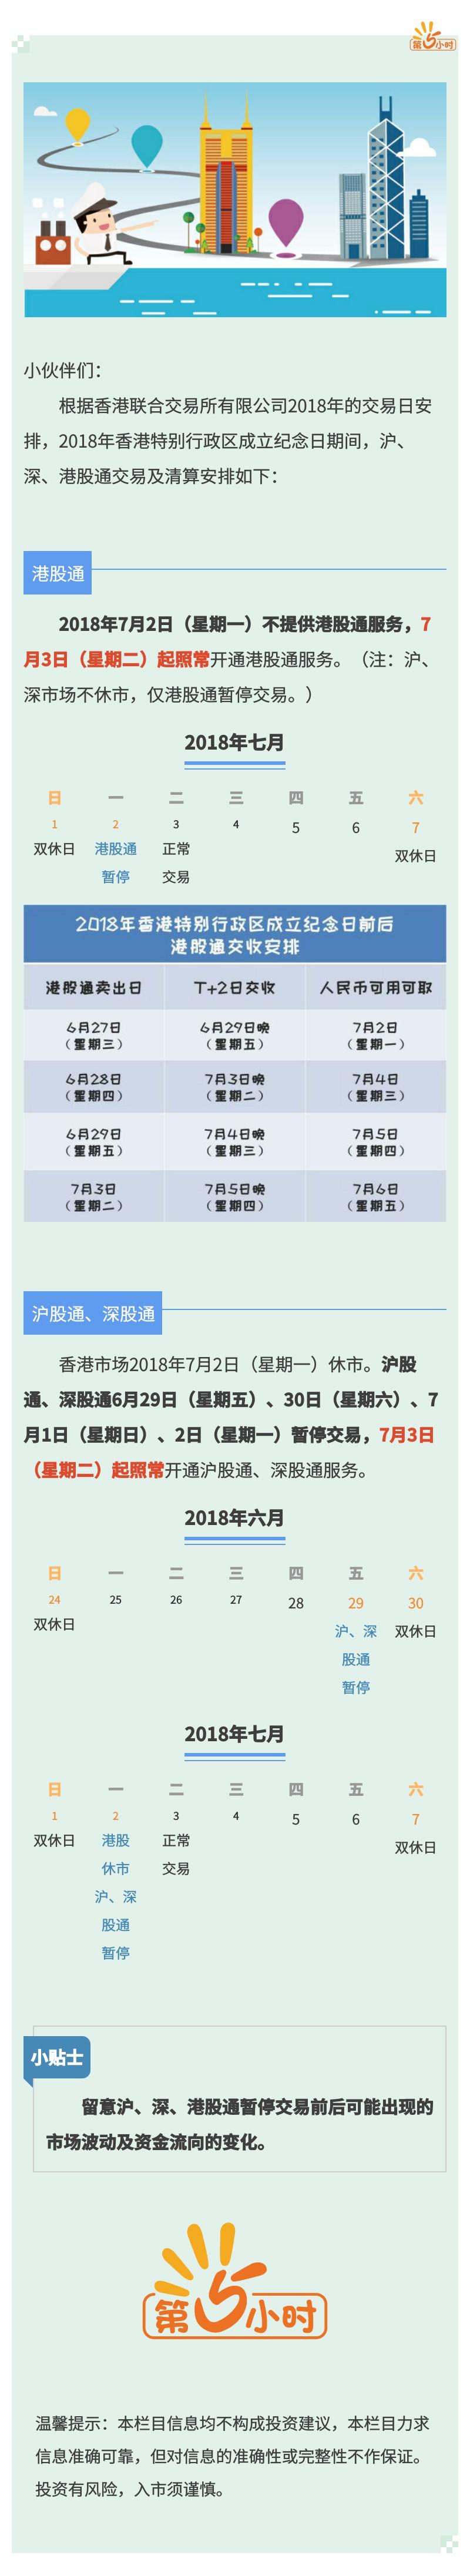 2018年香港特别行政区成立纪念日期间沪、深、港股通交易及清算安排.jpg